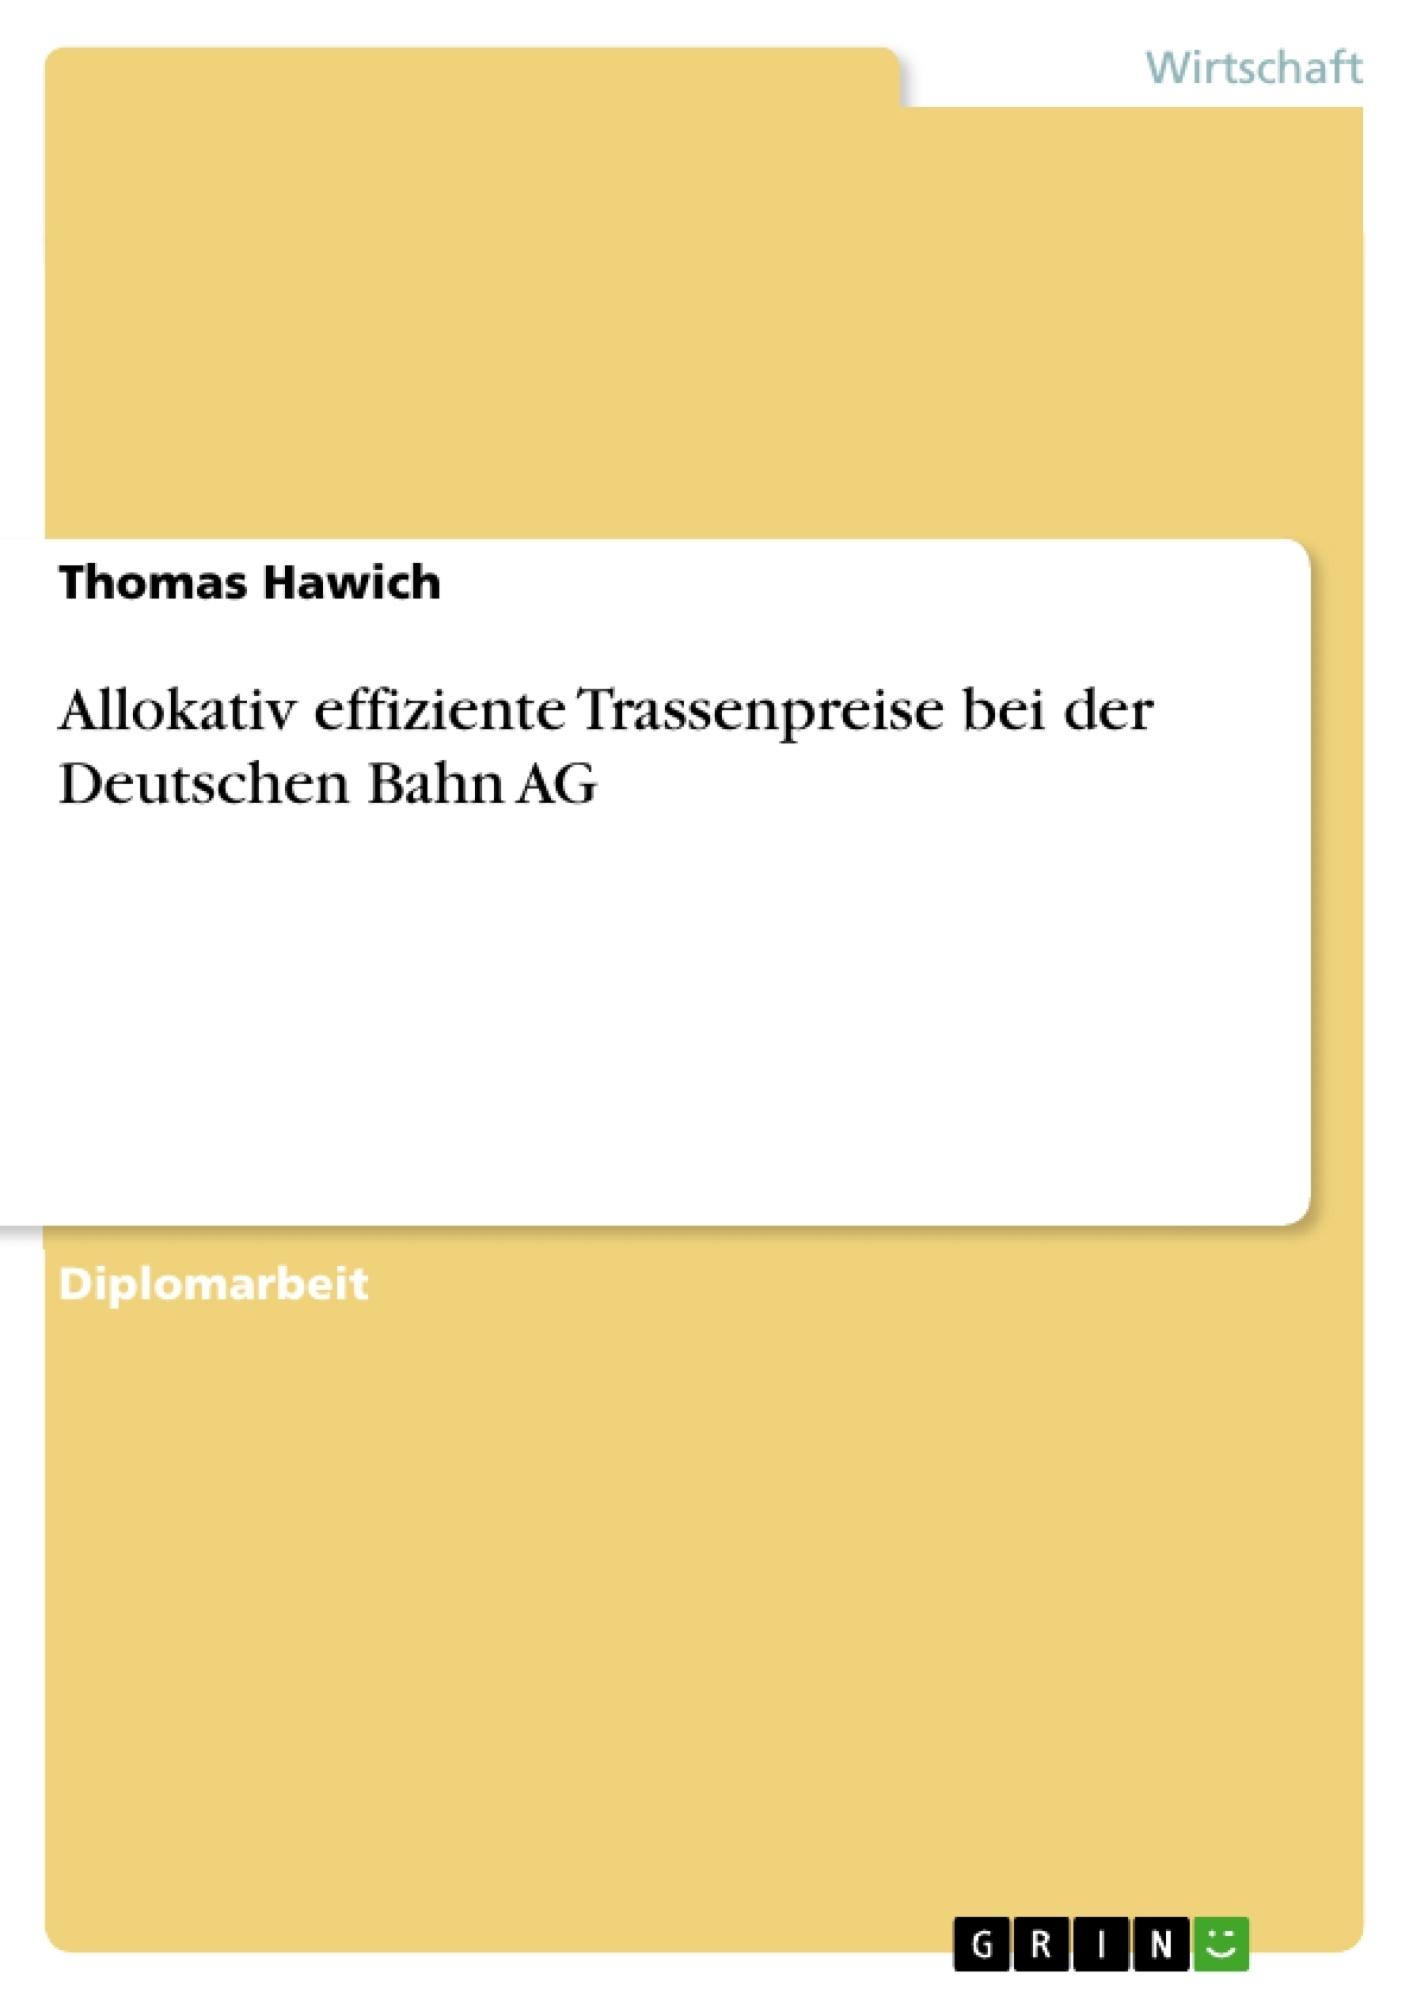 Titel: Allokativ effiziente Trassenpreise bei der Deutschen Bahn AG